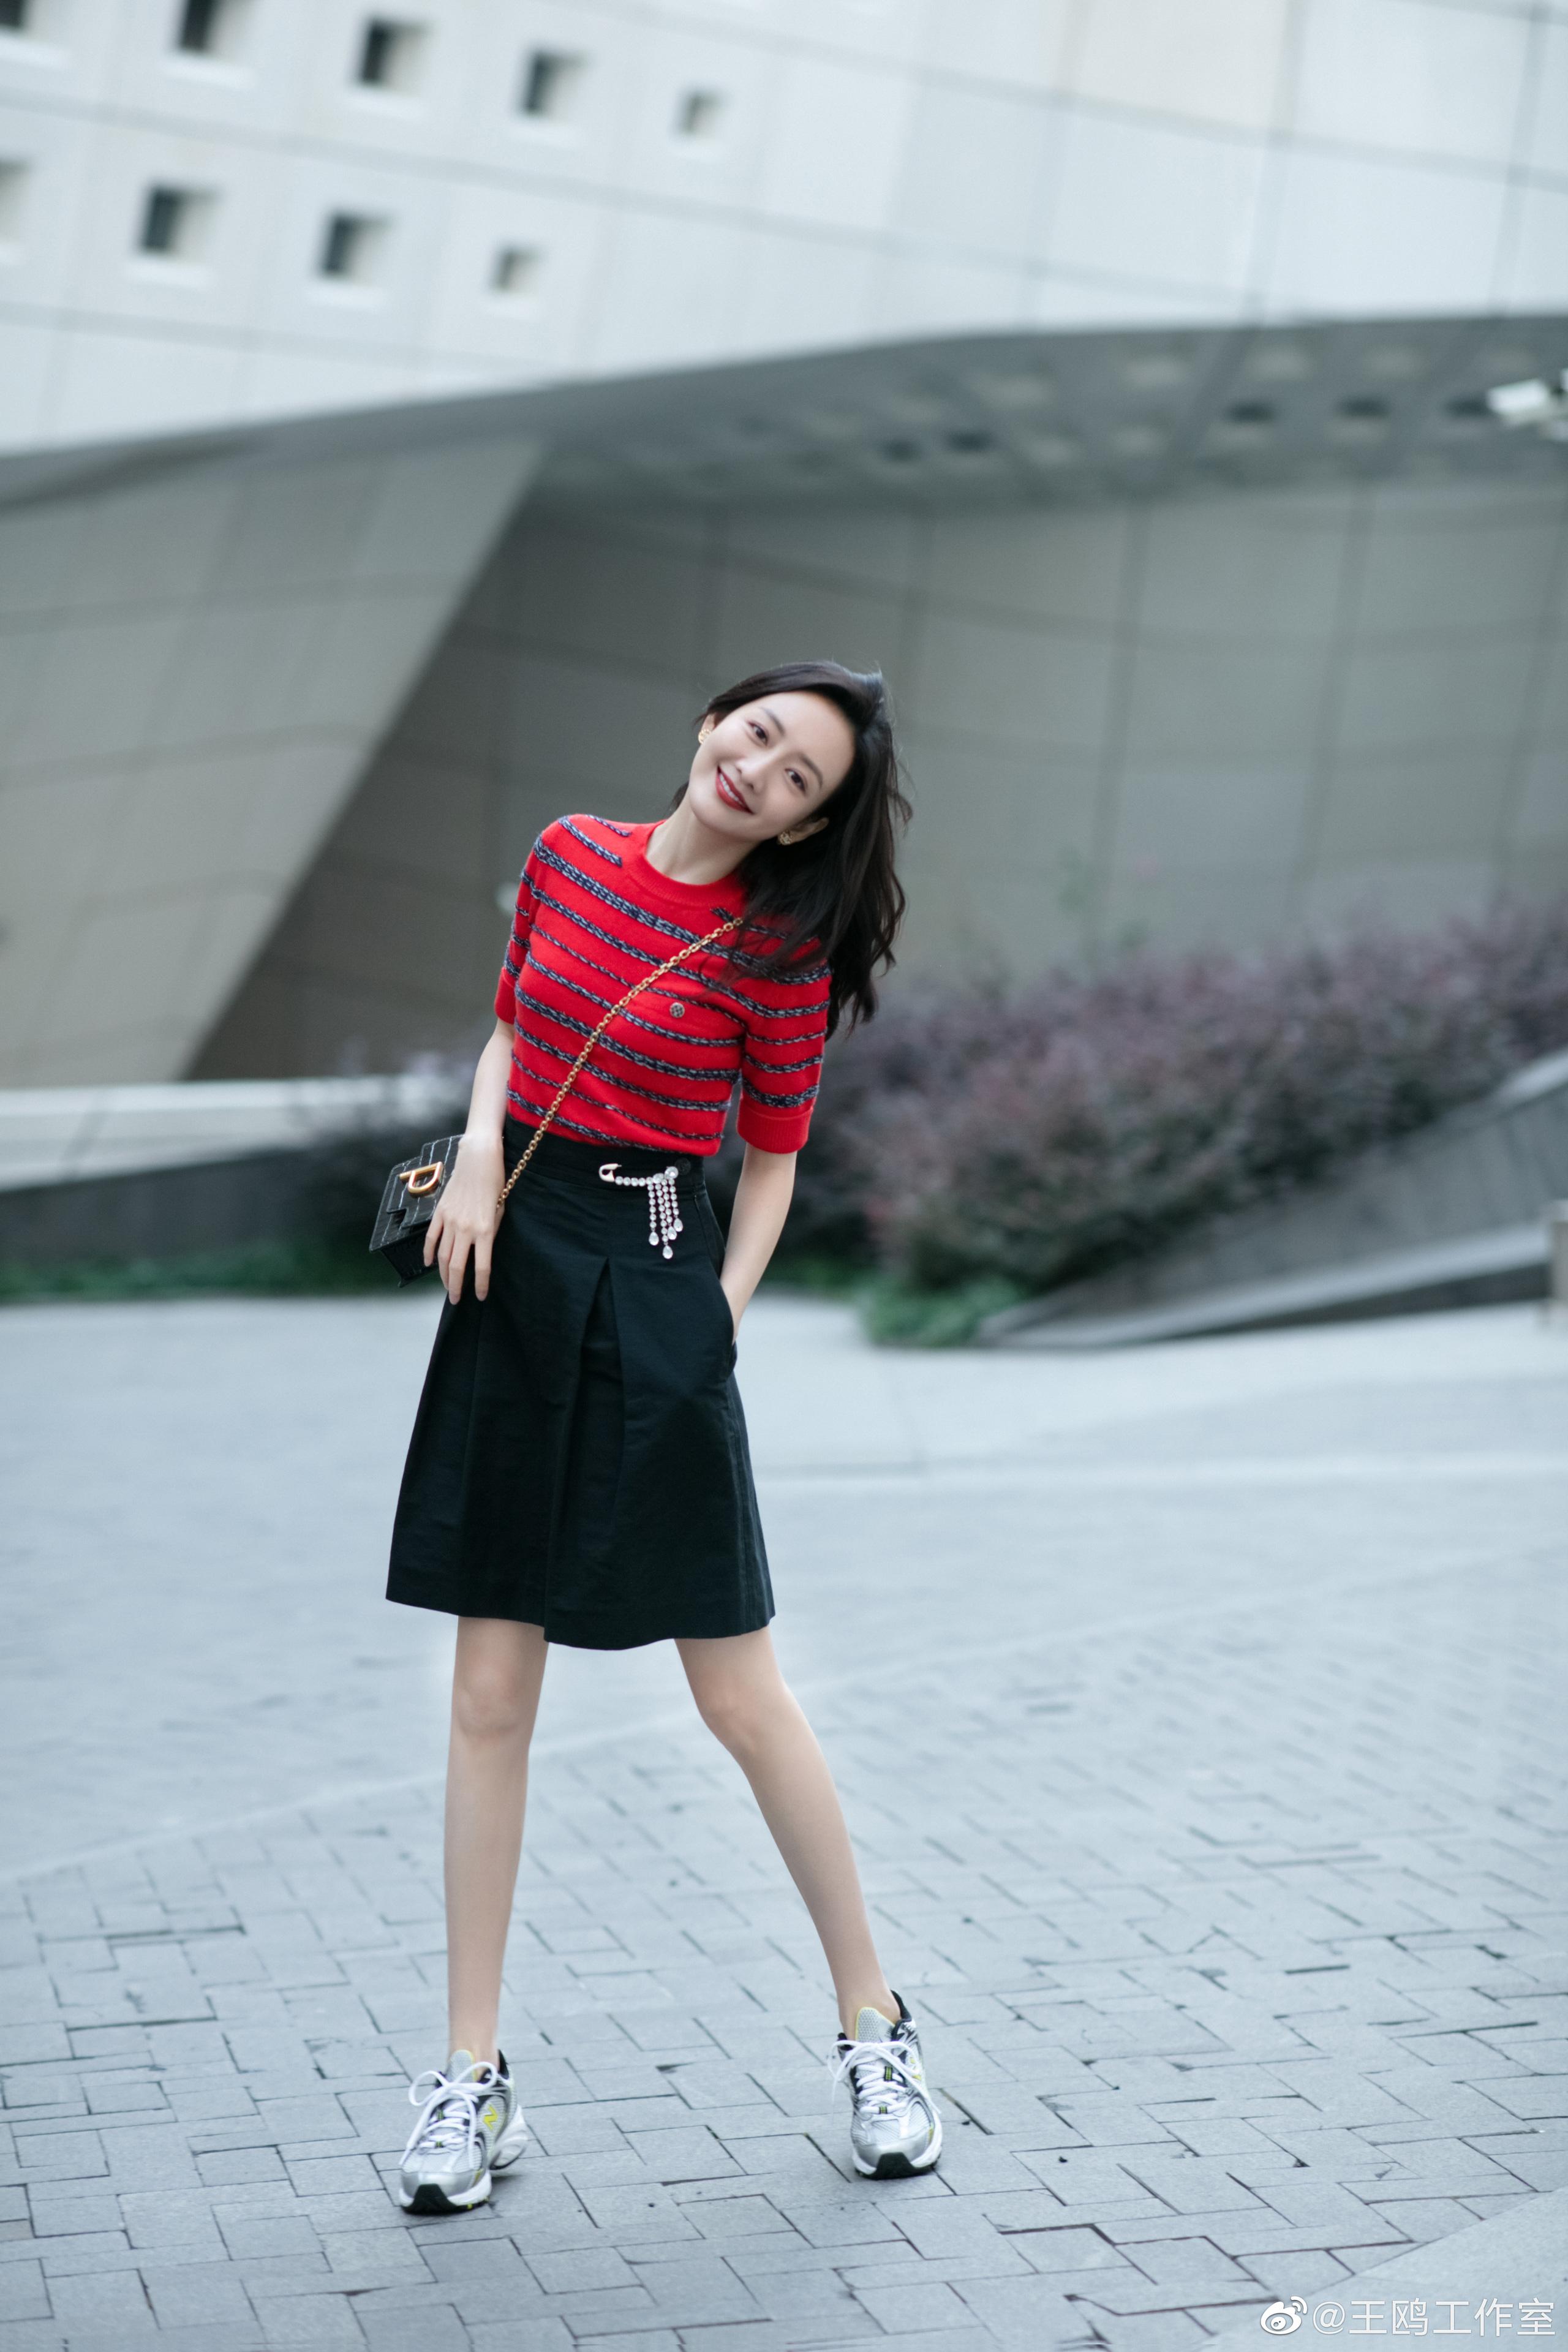 """""""Tình địch của Dương Mịch"""" đã U40 vẫn trẻ trung như gái 20, nhờ món thời trang này mà vừa trẻ lại vừa sang - Ảnh 5."""